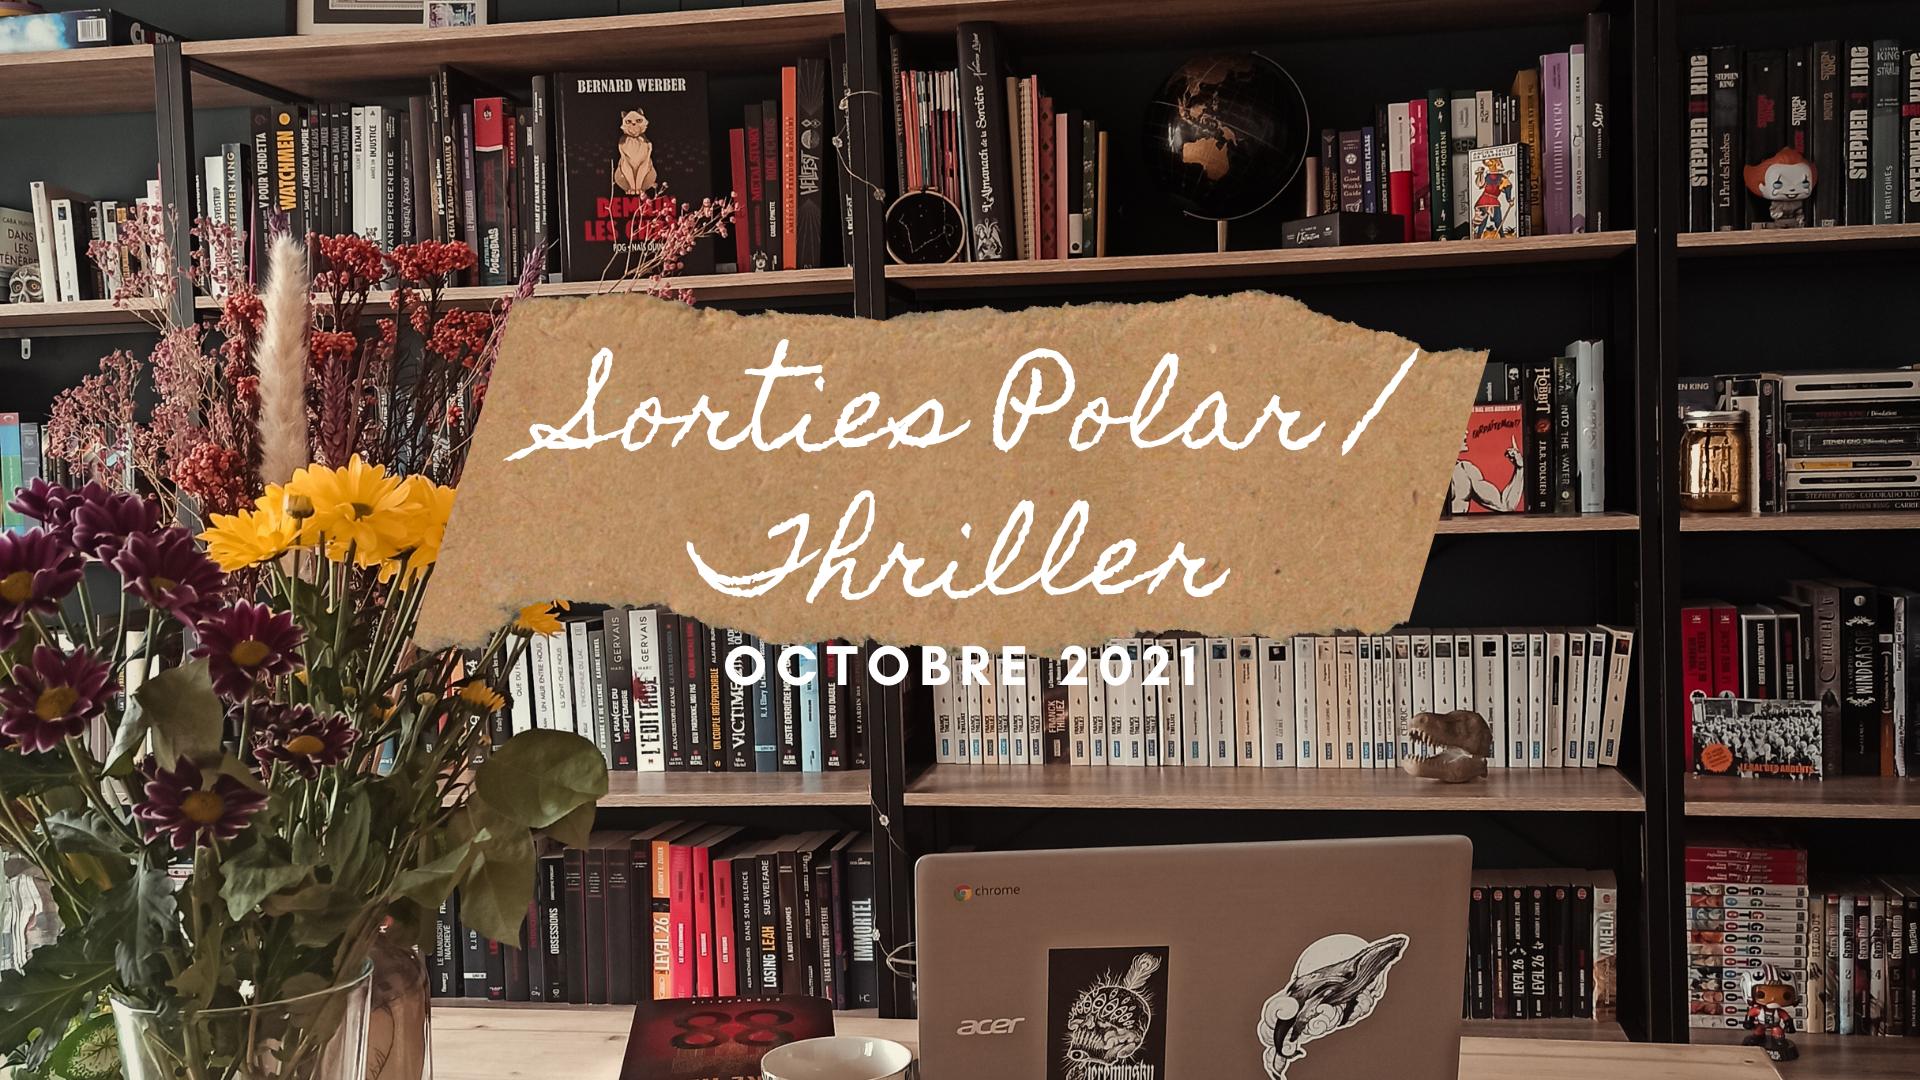 sorties-polar-thriller-octobre-2021